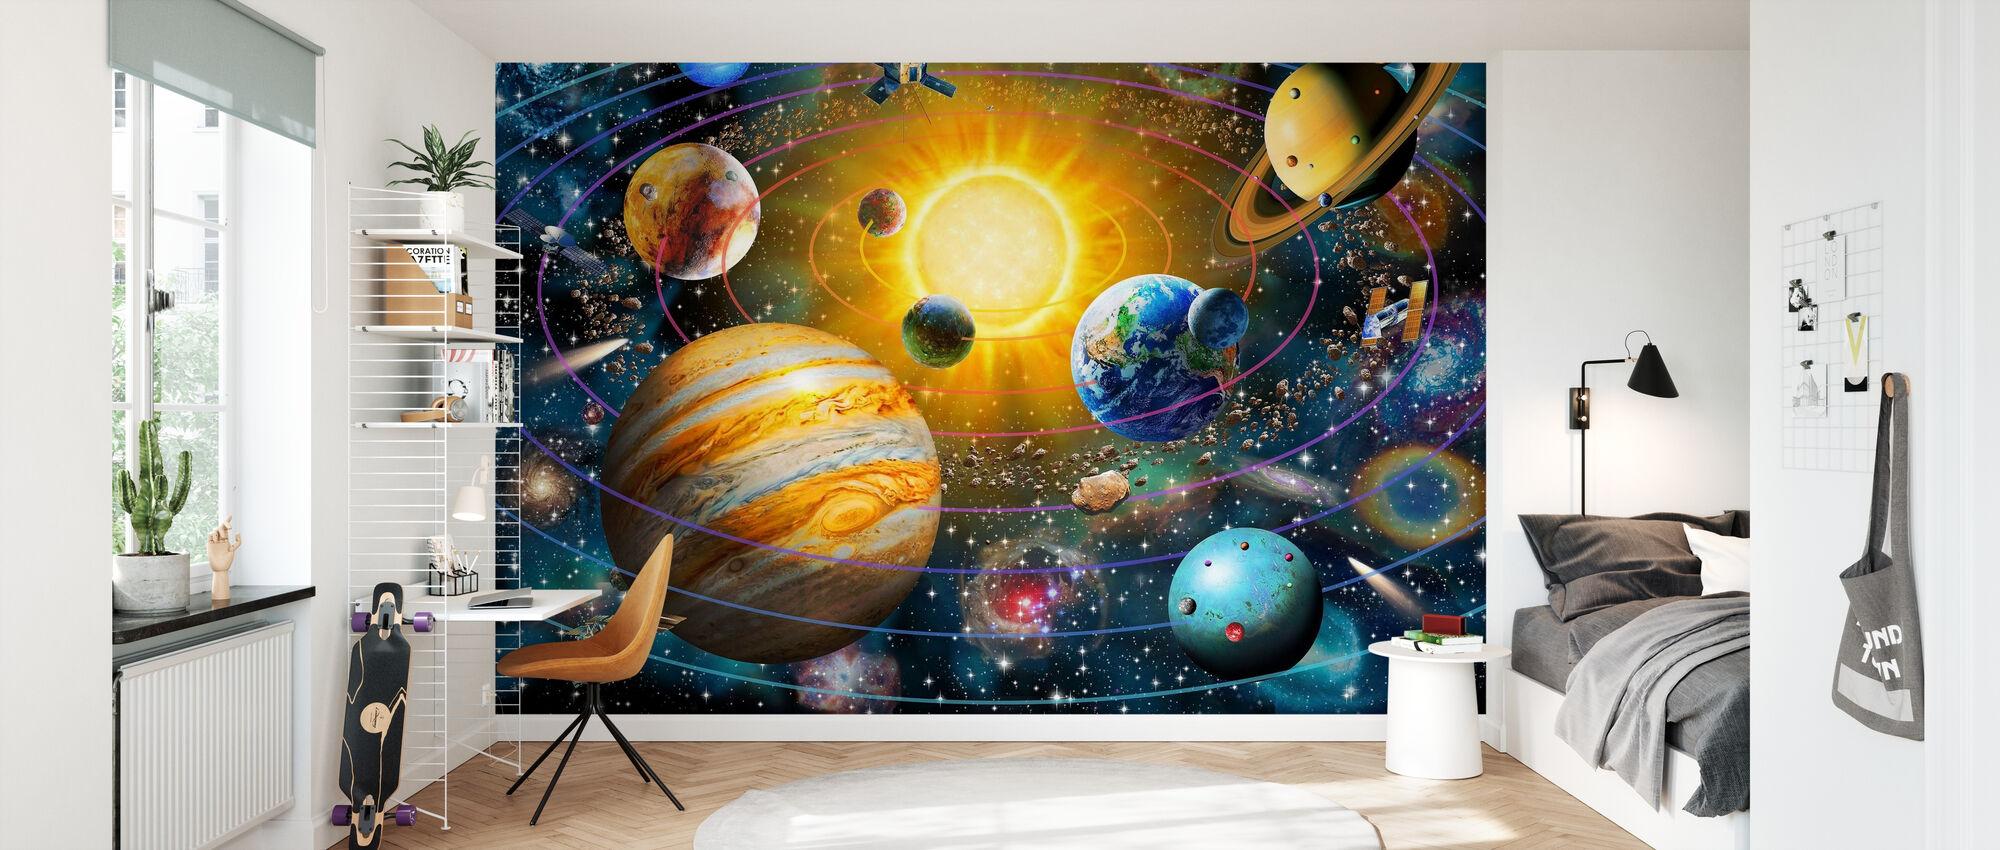 Ringed Solar System - Wallpaper - Kids Room